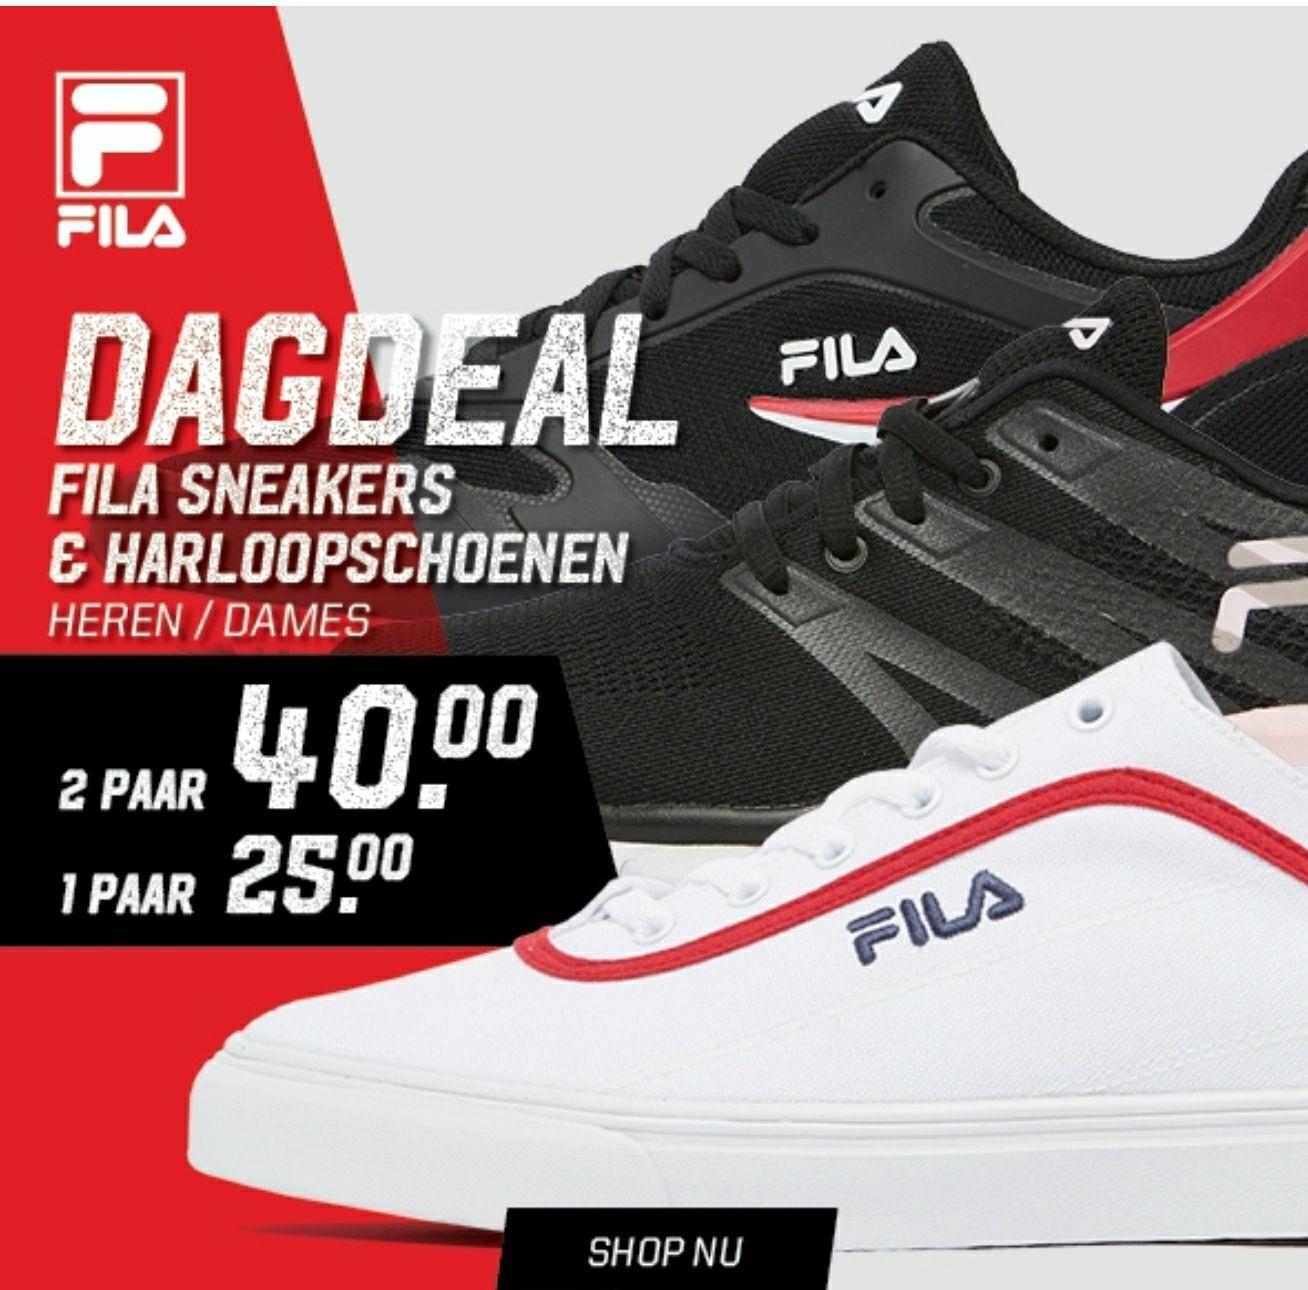 Fila (sport) schoenen 2 paar €40